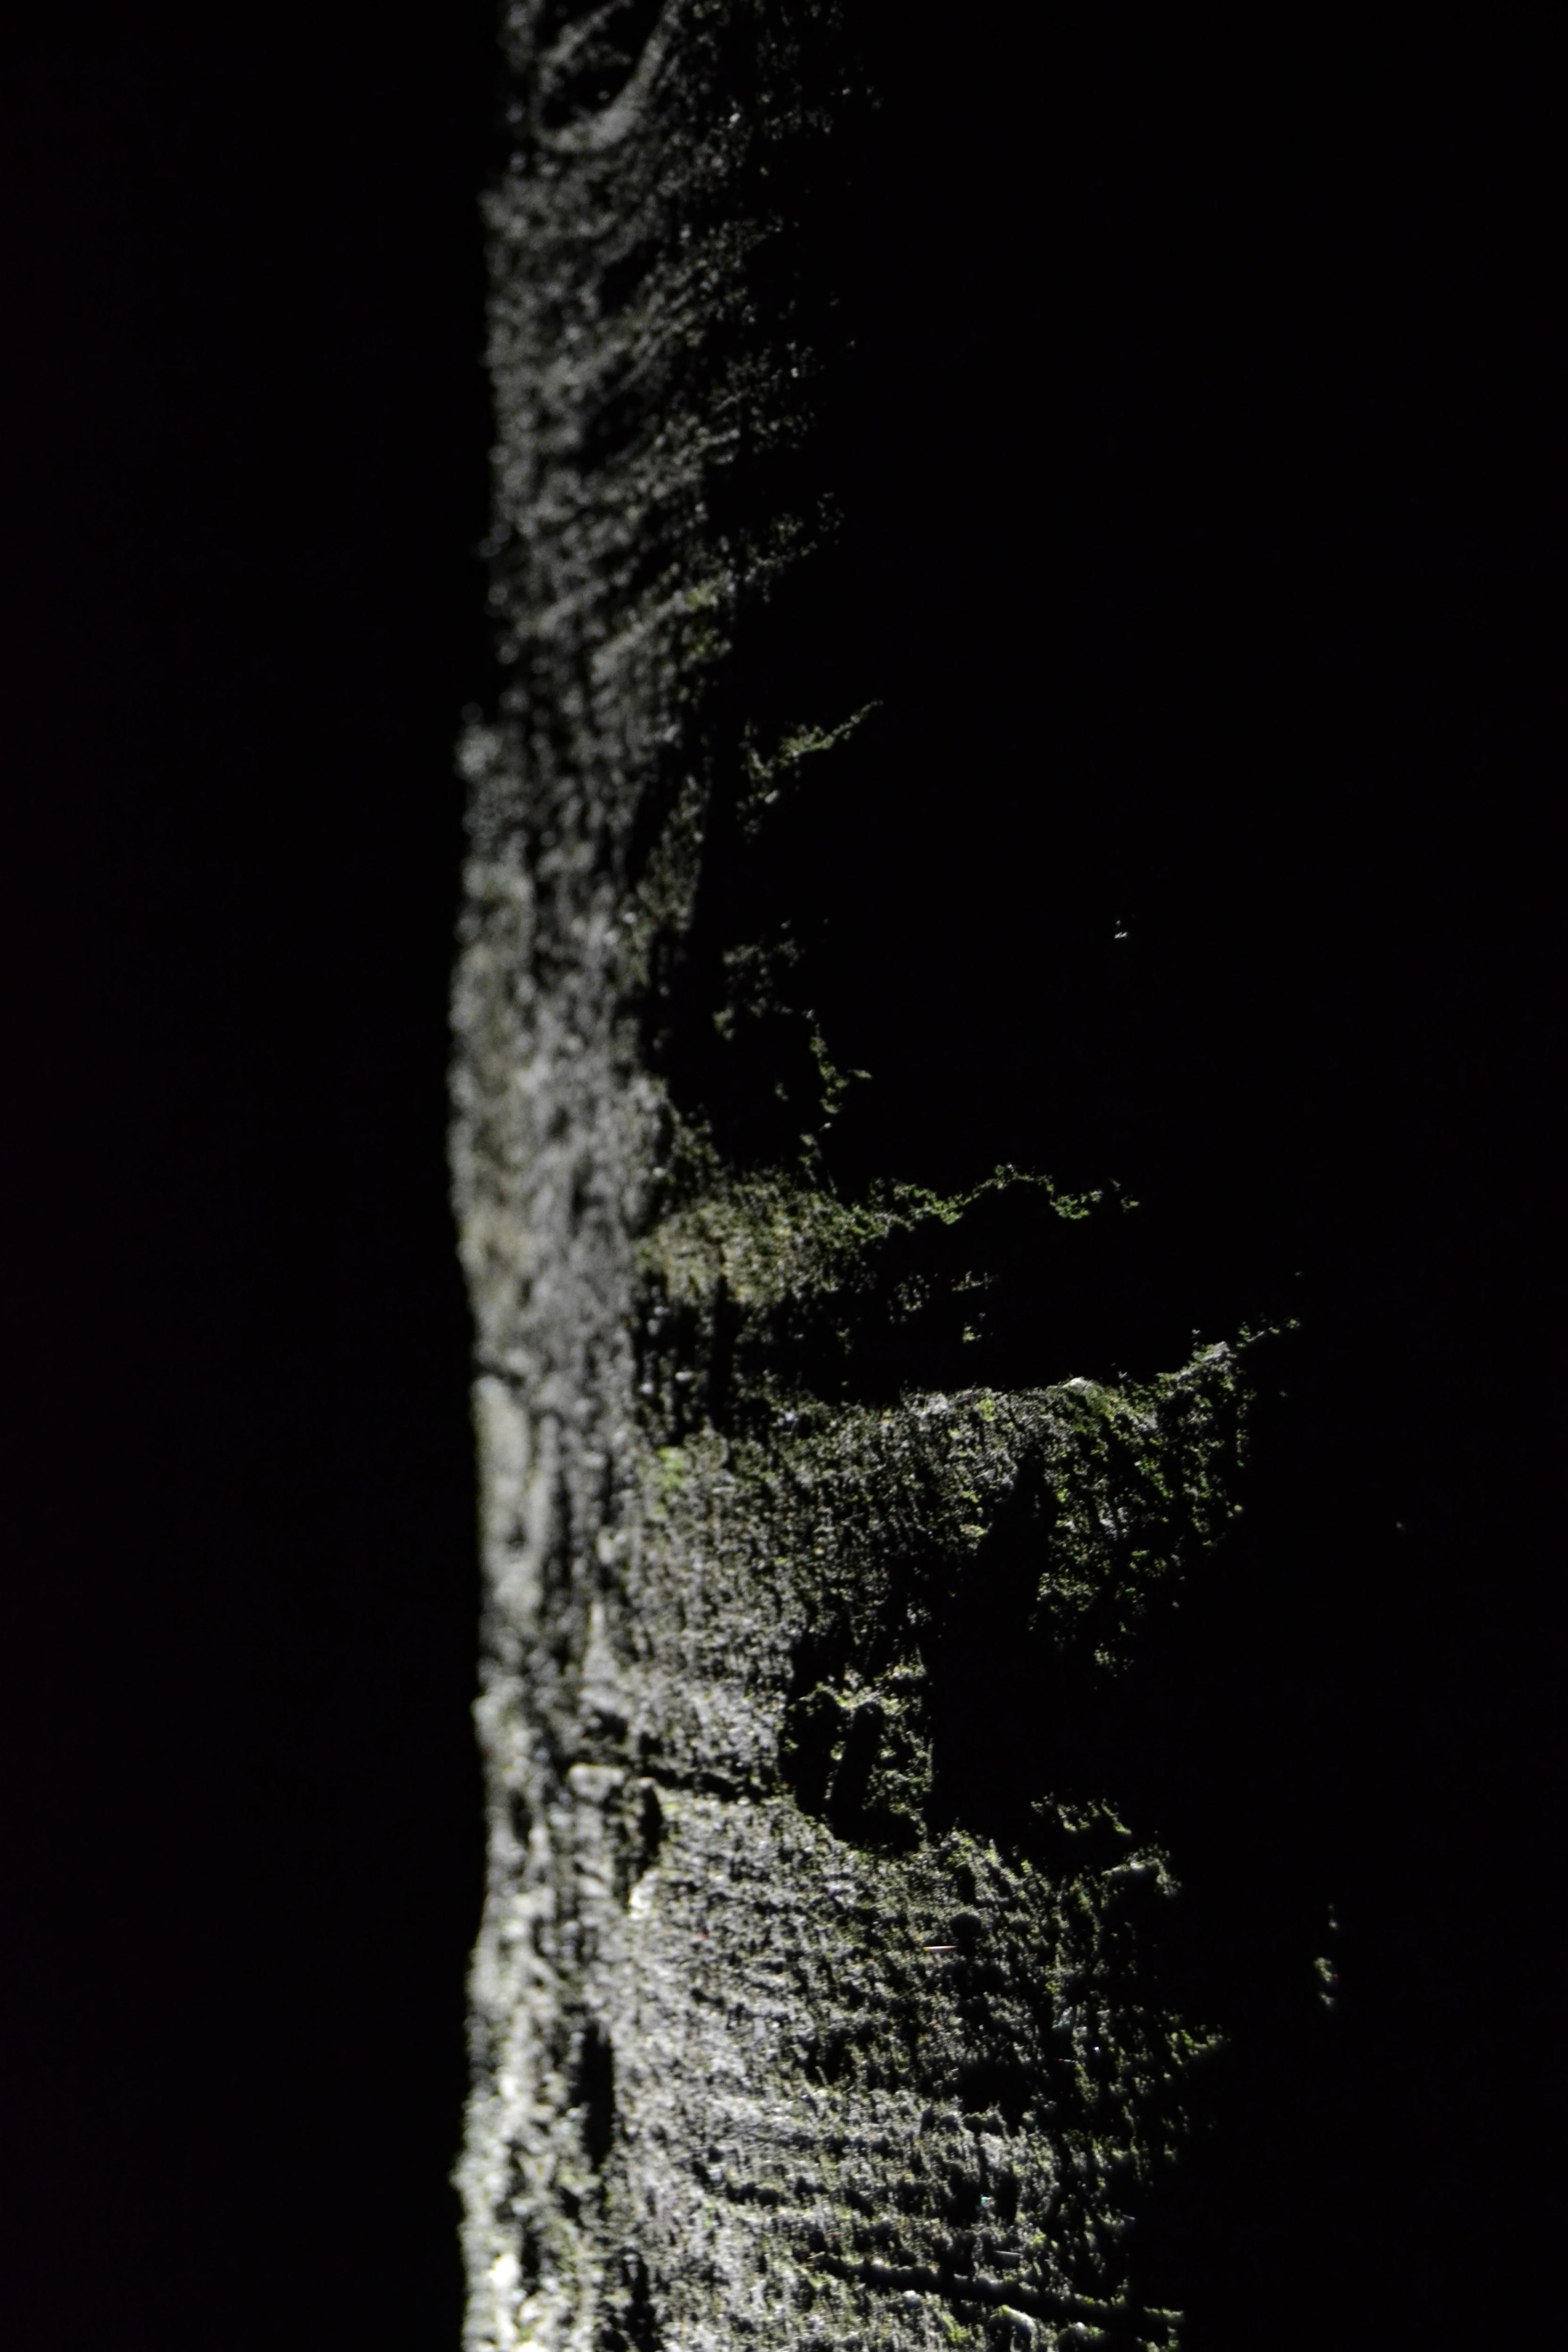 hell und dunkel kontrast krper sehr dunkel gehalten sind silhouetten und die merkmale durch ein. Black Bedroom Furniture Sets. Home Design Ideas